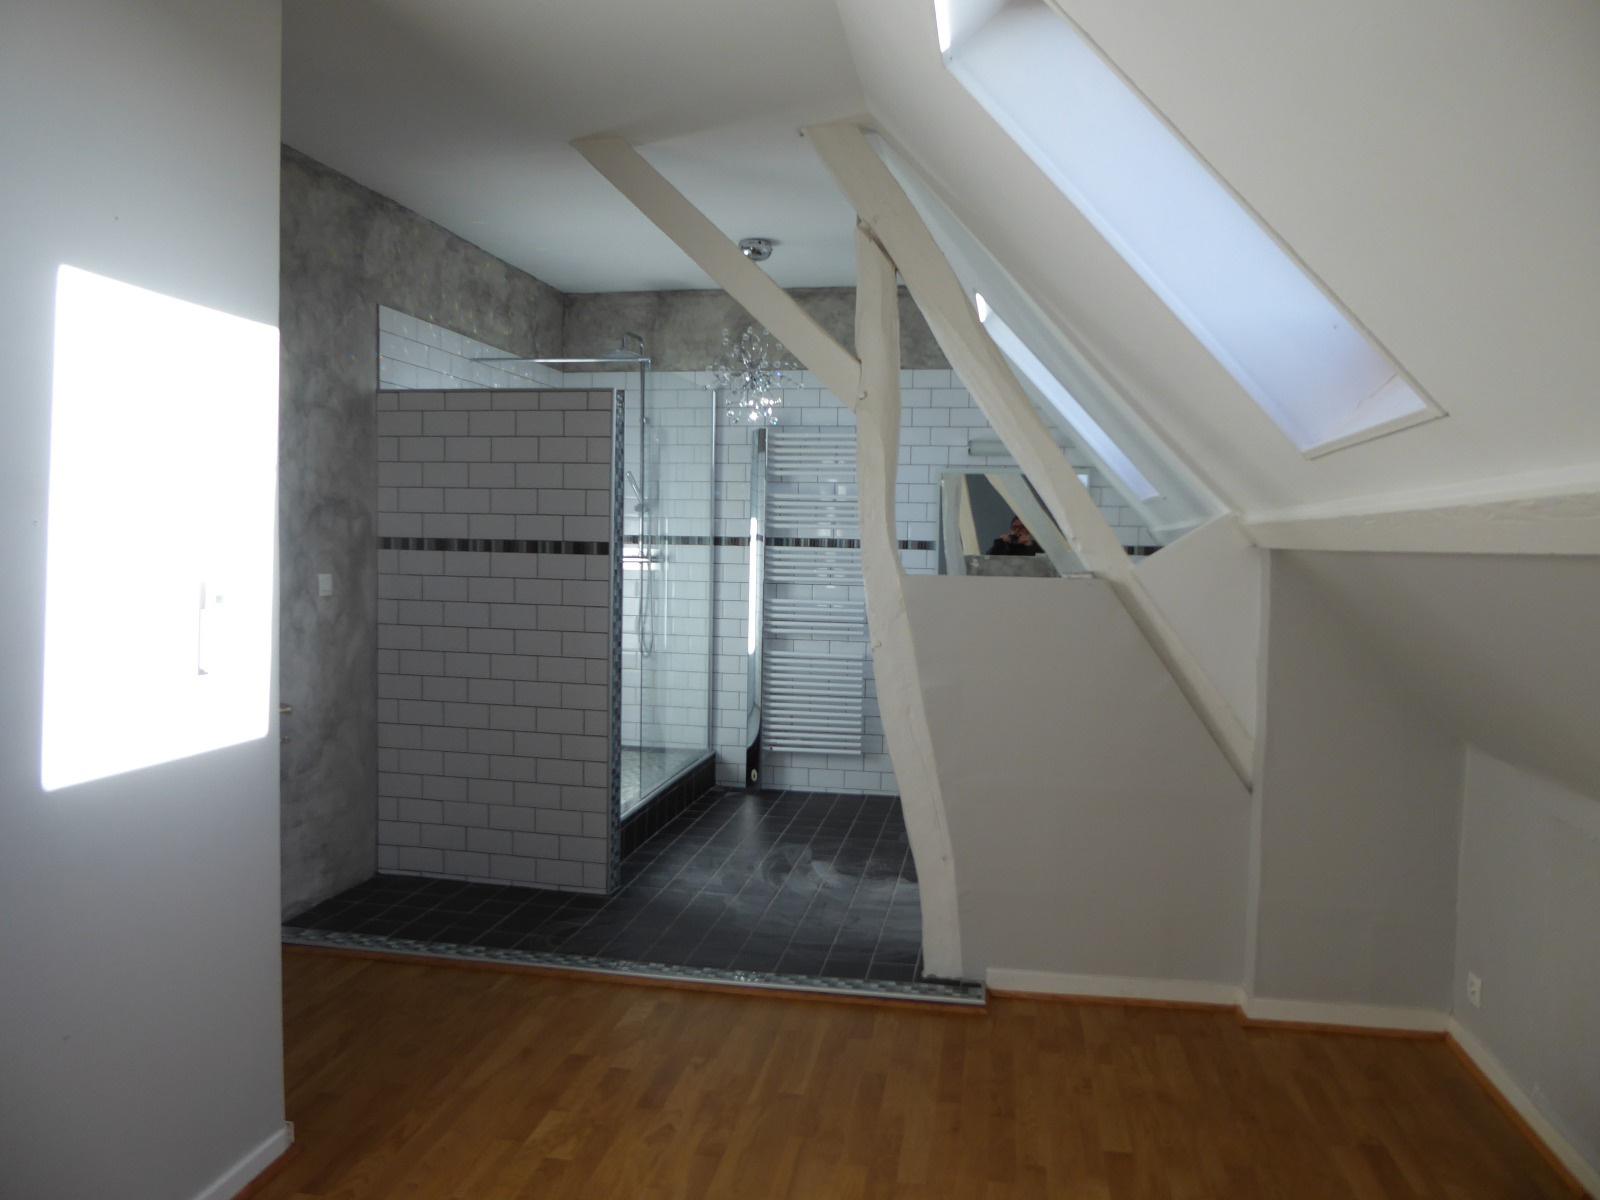 Chambre avec salle d'eau et Wc privatifs, à l'étage, dans les combles aménag&ea